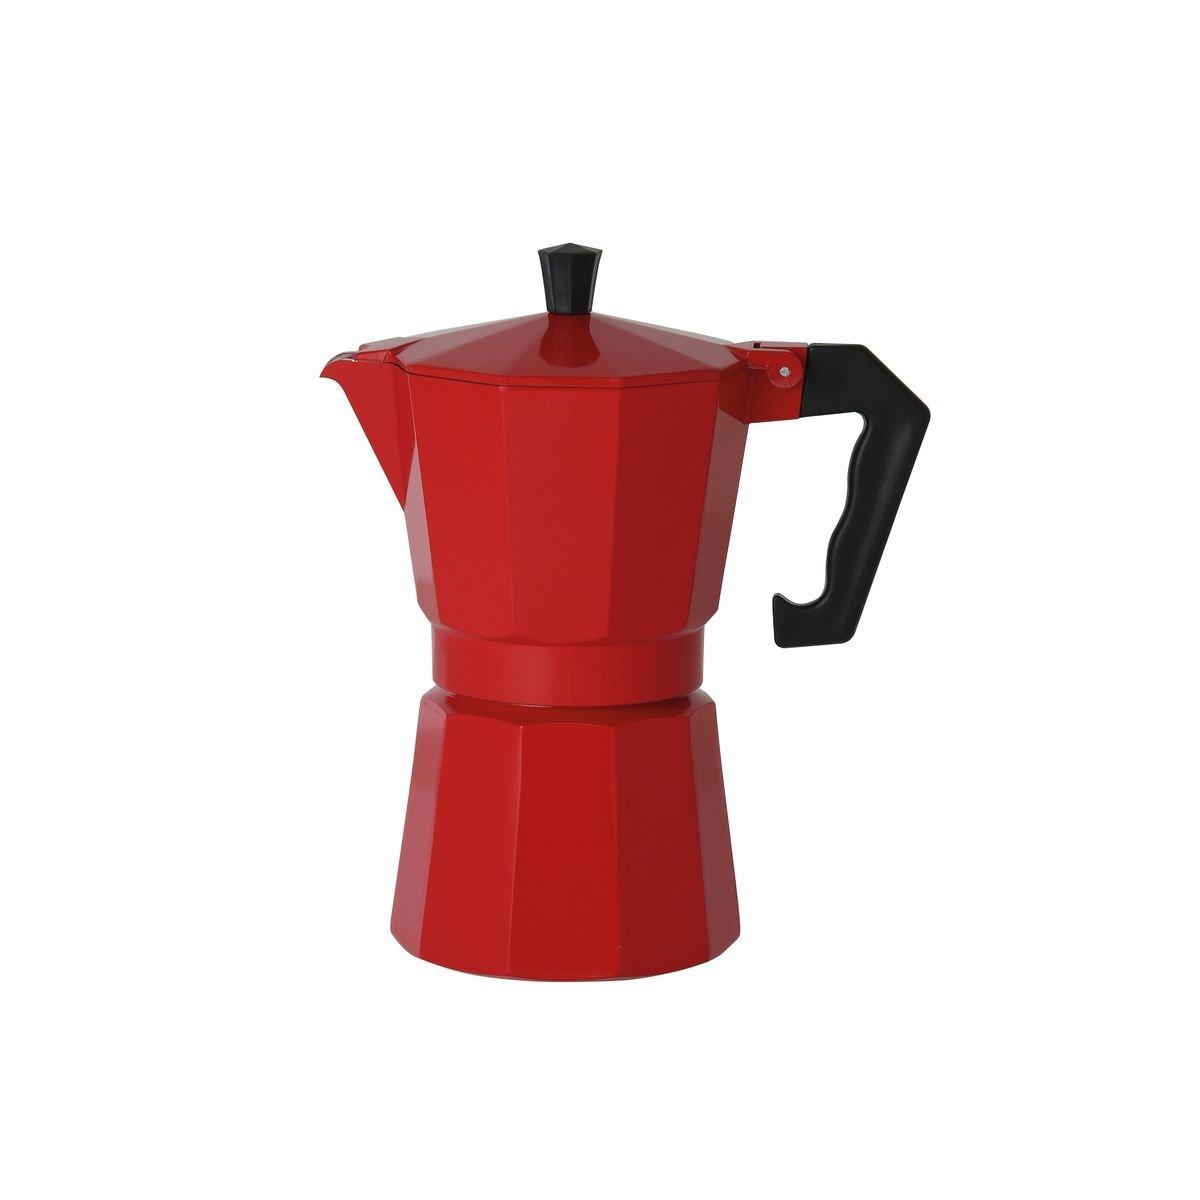 axentia 122247 Espressokocher italienisch Rot - Espressokanne aus Alumium 6 Tassen, Aluminium, mehrfarbig, 10.5 x 14 x 20.5 cm Testrut DE GmbH